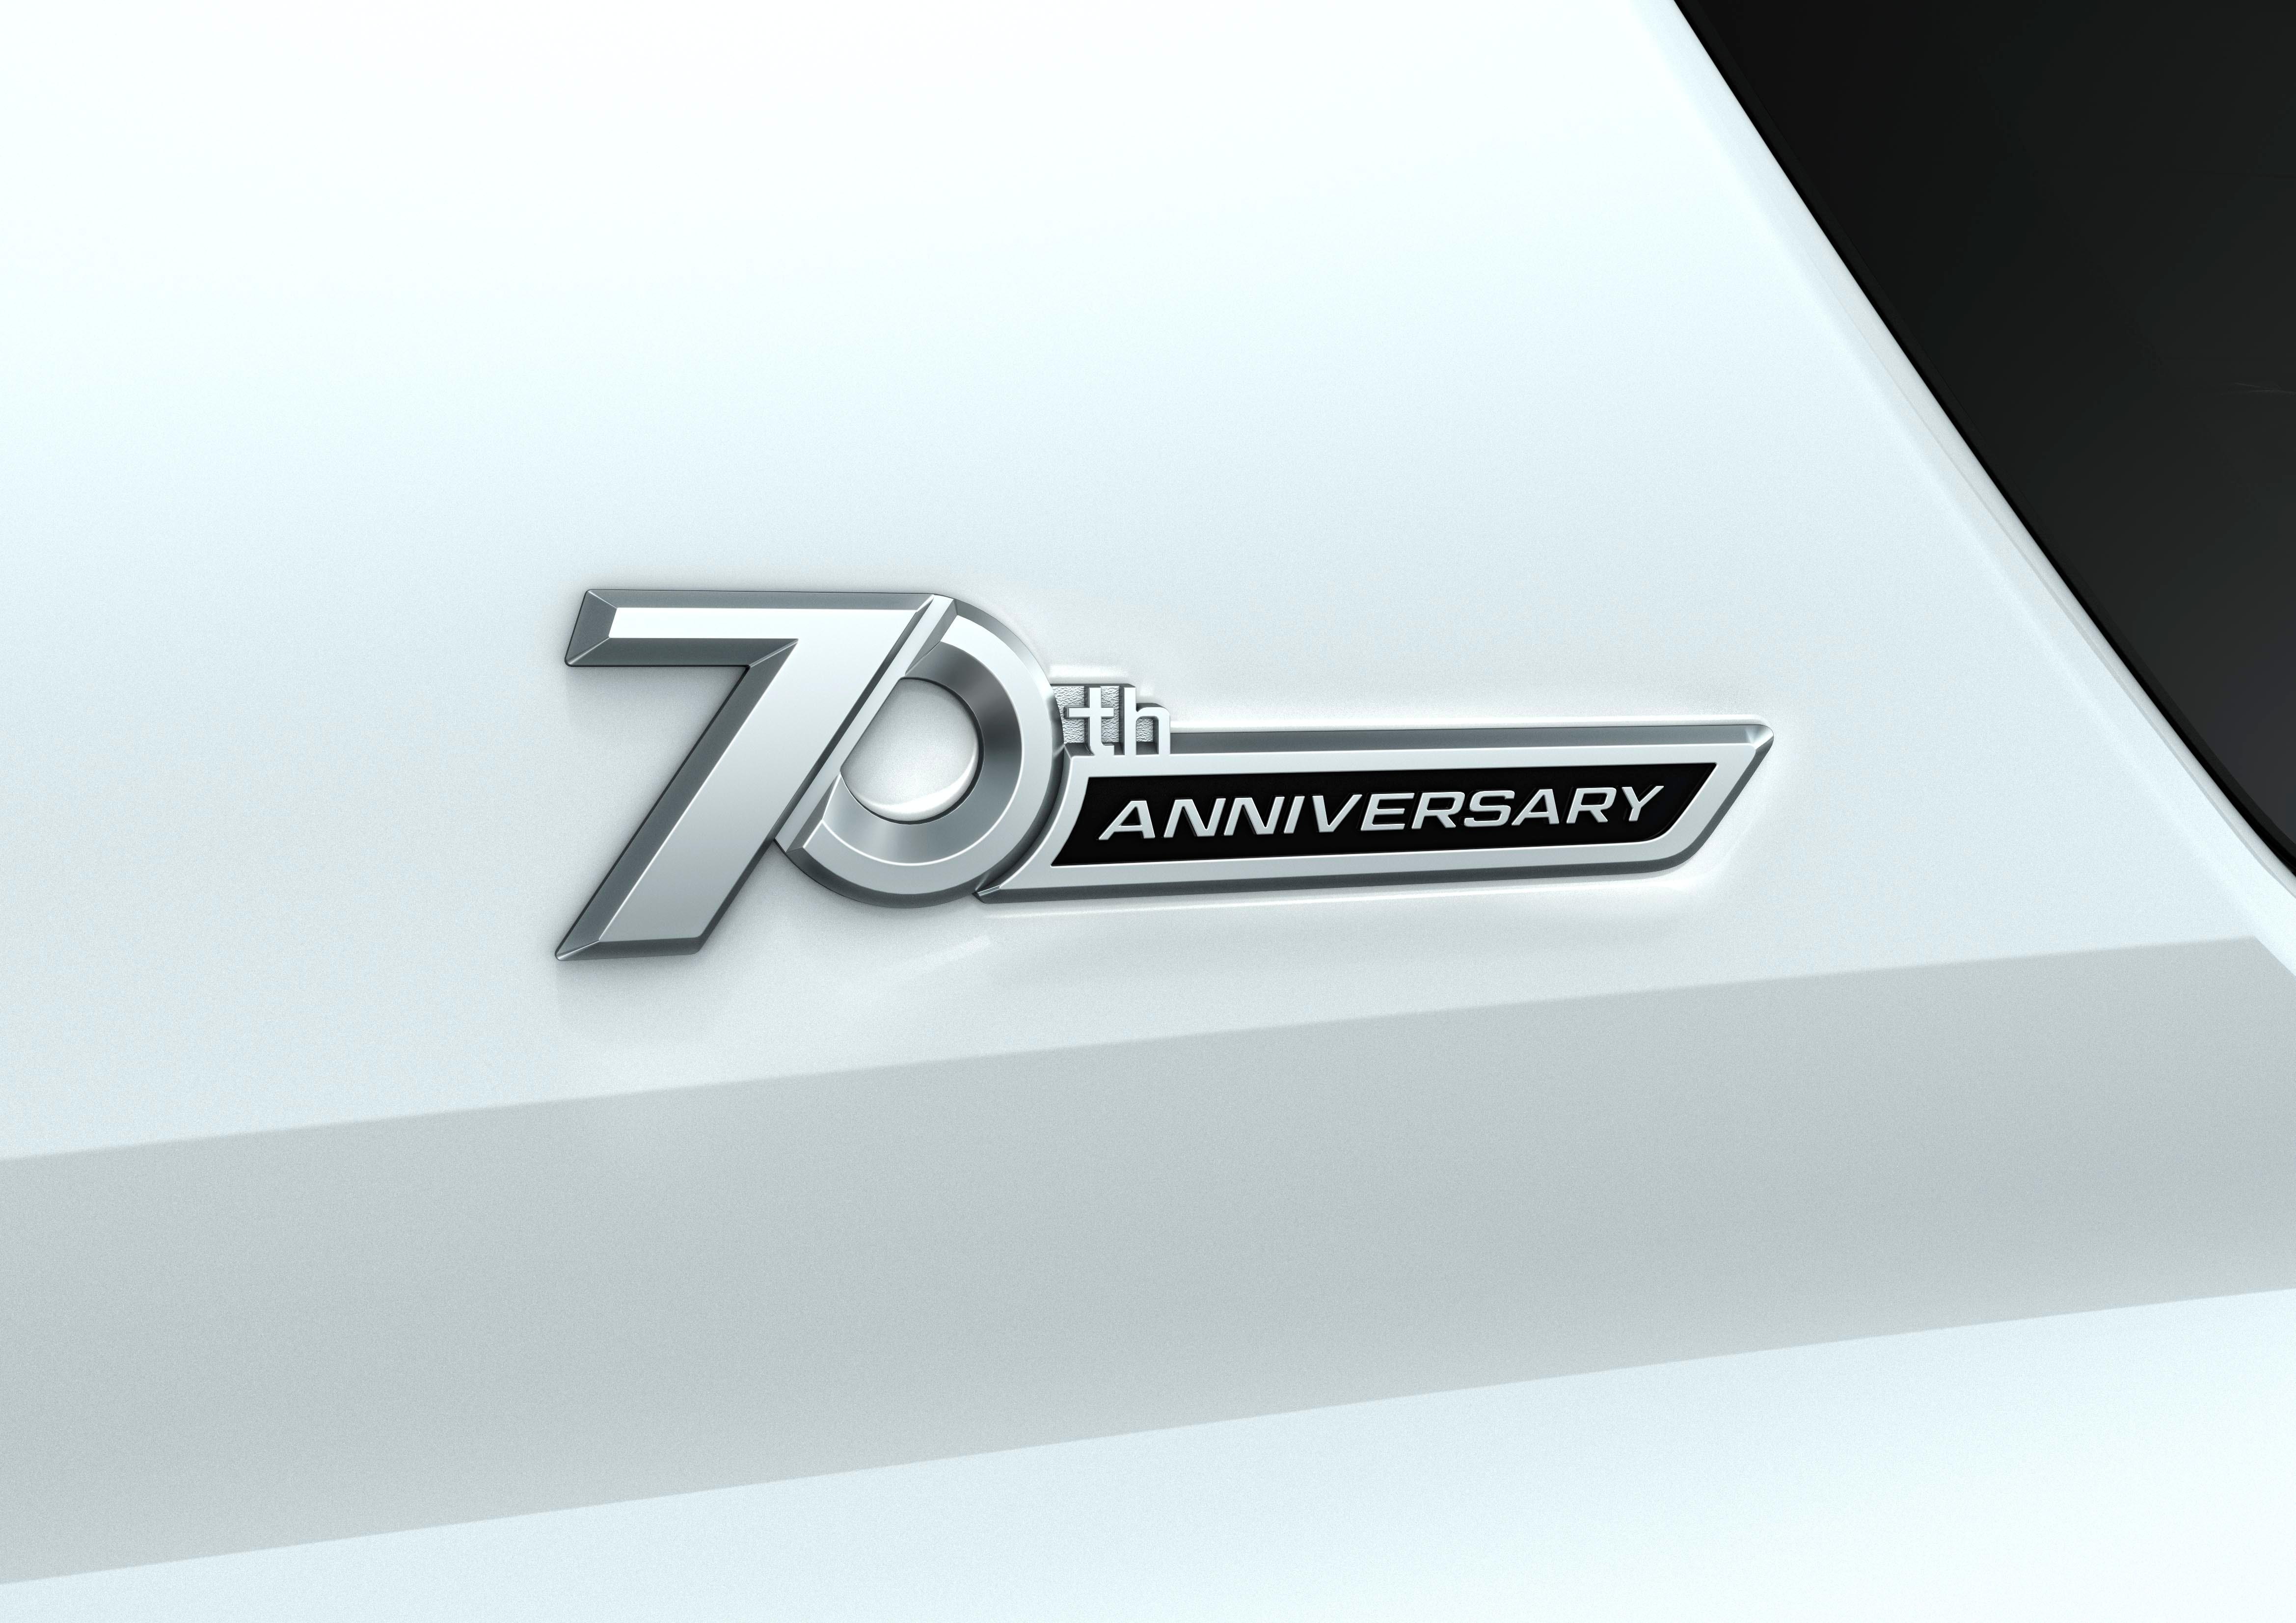 12年目のランドクルーザー・プラドがさらに進化! 70周年記念モデルも設定へ